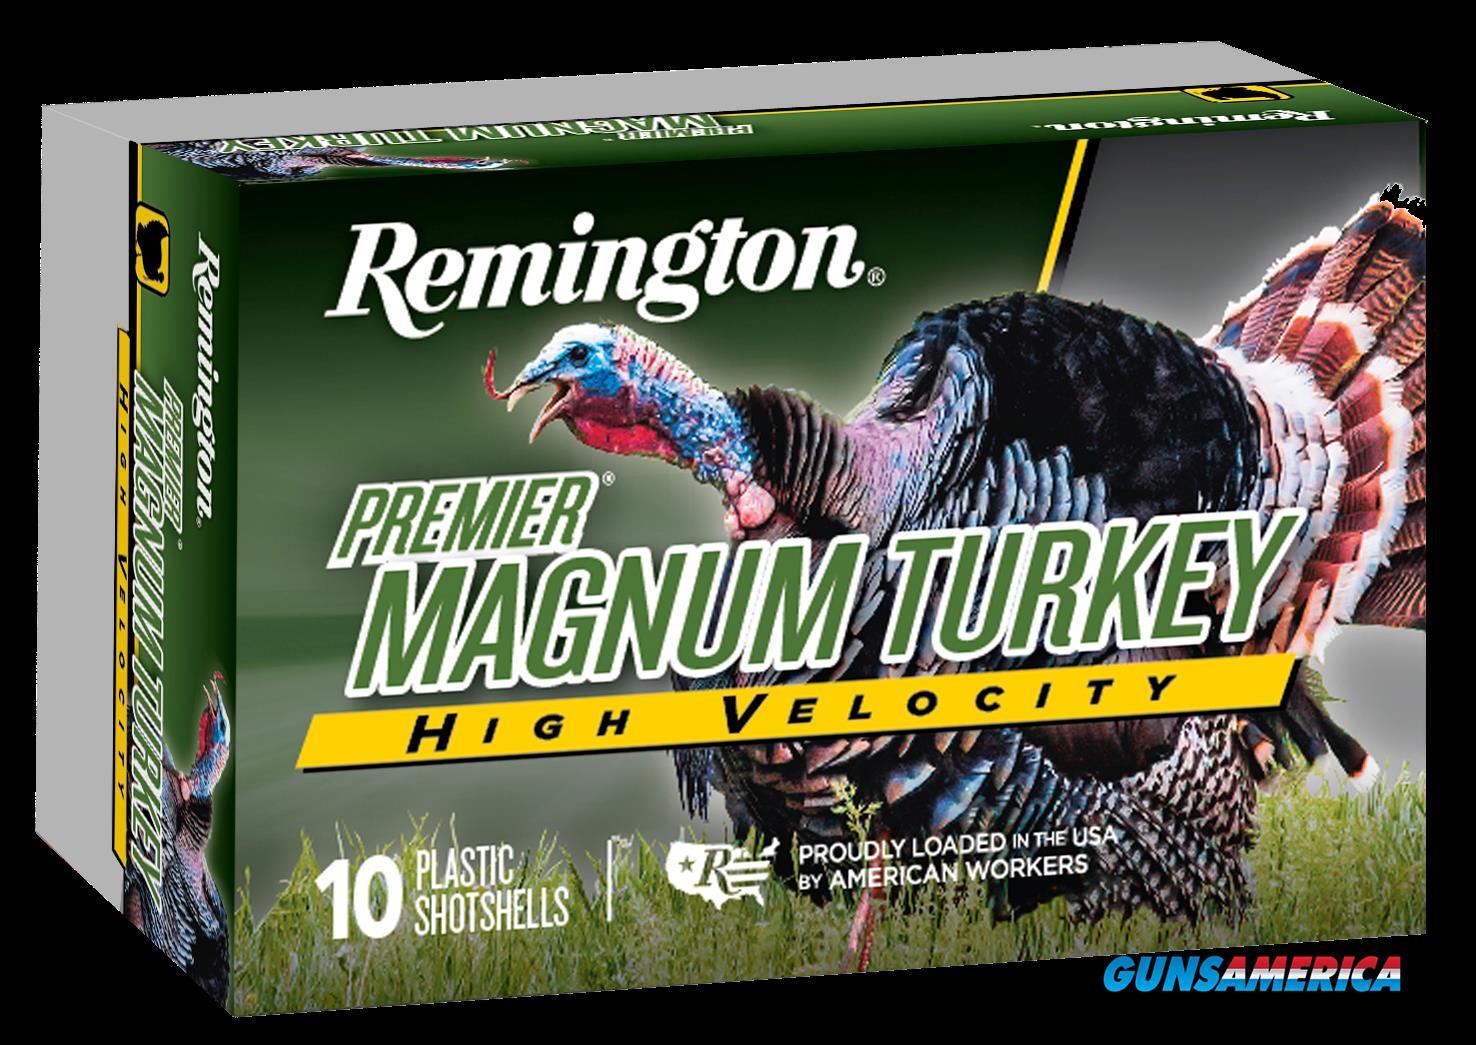 Remington Ammunition Premier, Rem 28041 Phv1235m5a Premier Tky 3.5  2oz   5-20  Guns > Pistols > 1911 Pistol Copies (non-Colt)